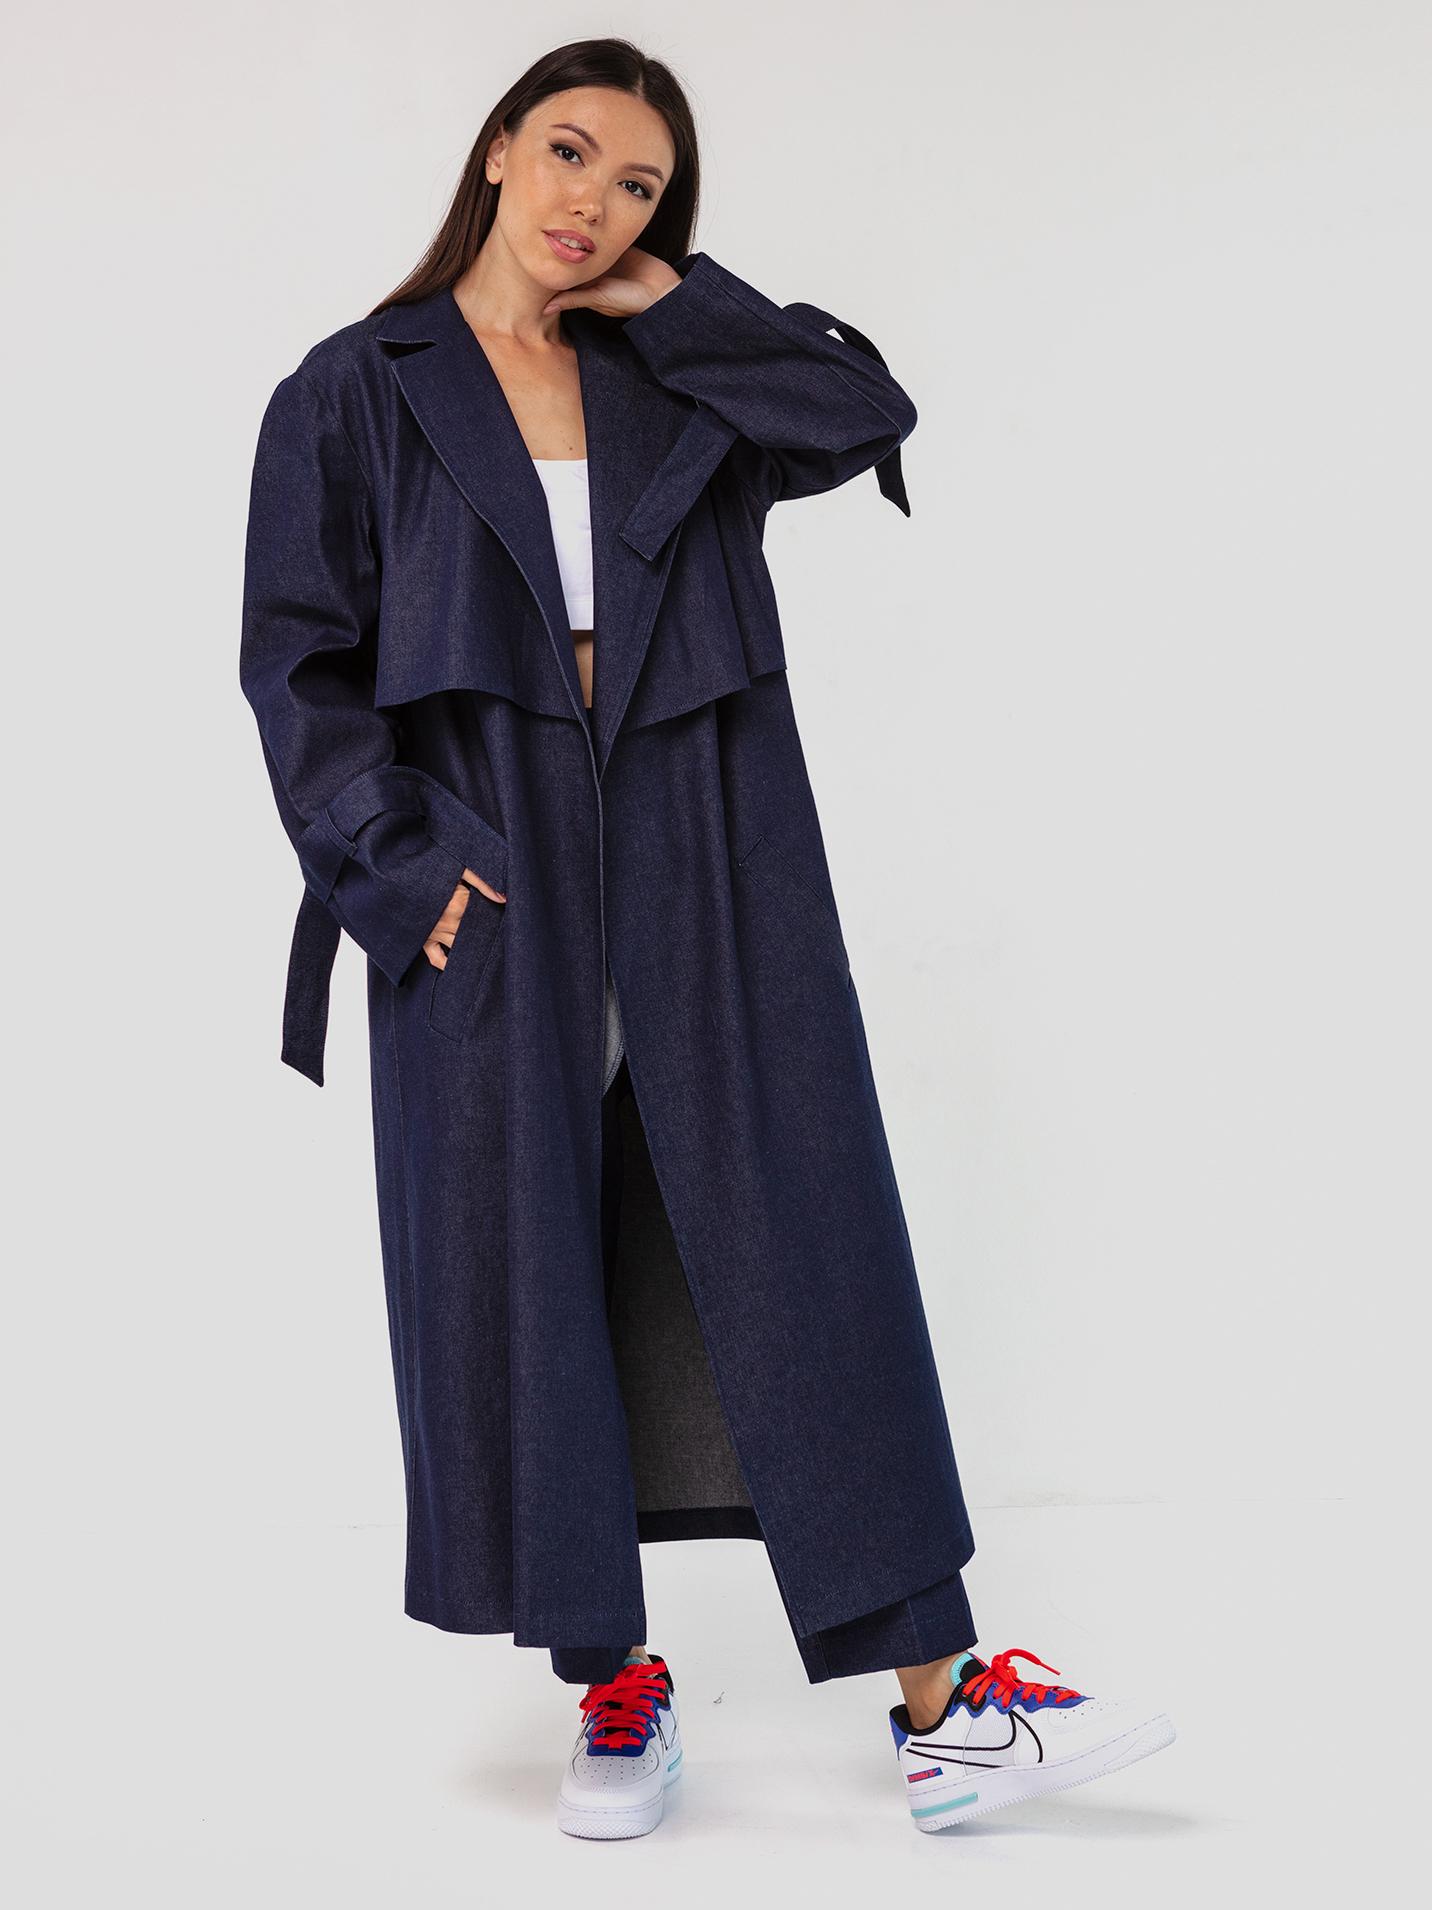 Тренч джинсовый YOS от украинского бренда Your Own Style